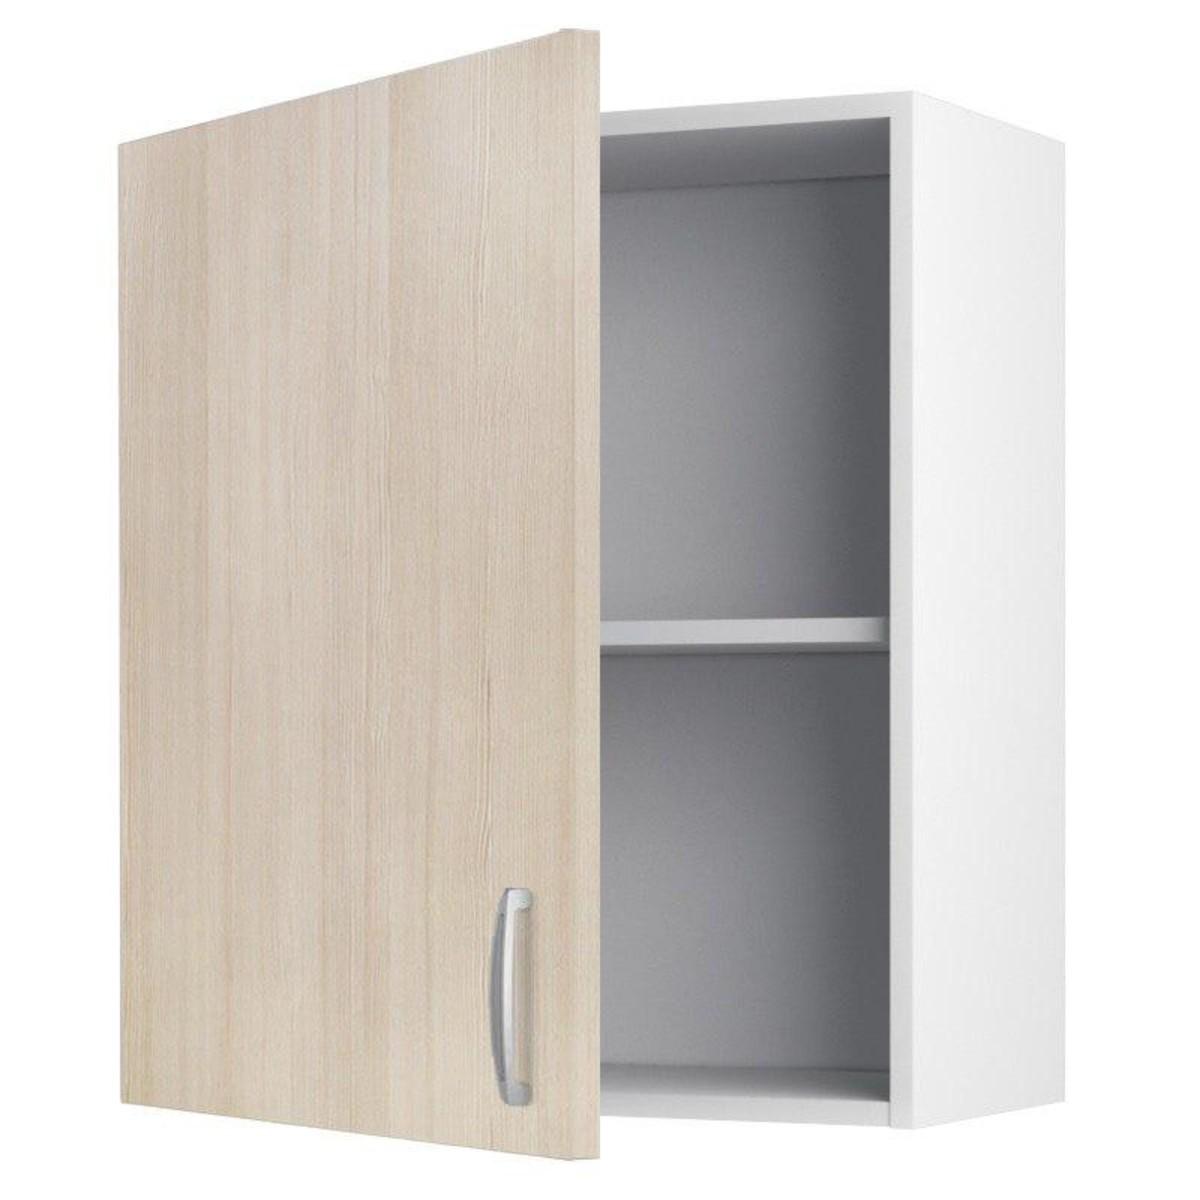 Шкаф навесной Сосна Карелия 60 см